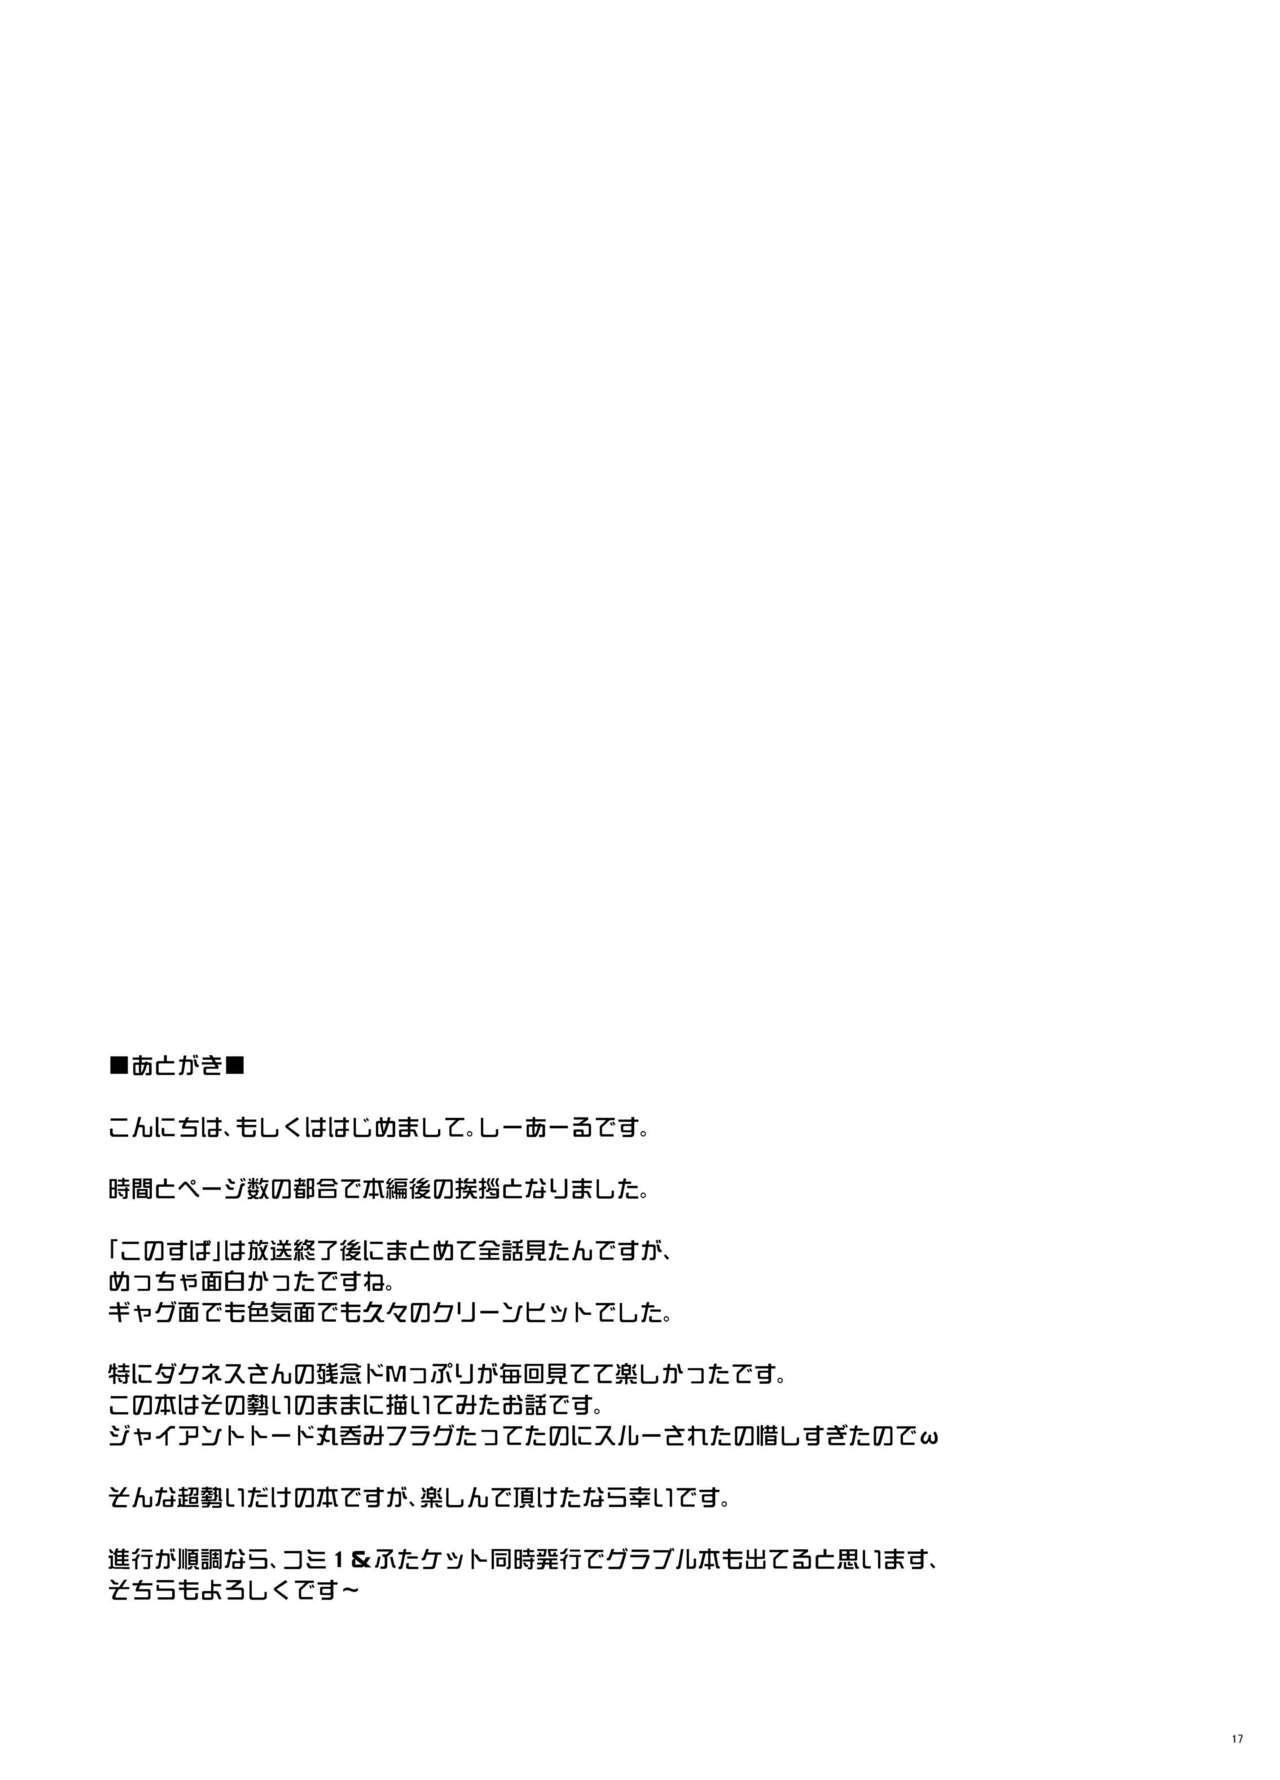 Kono Do-M Seikishi ni Marunomi Flag o! 16